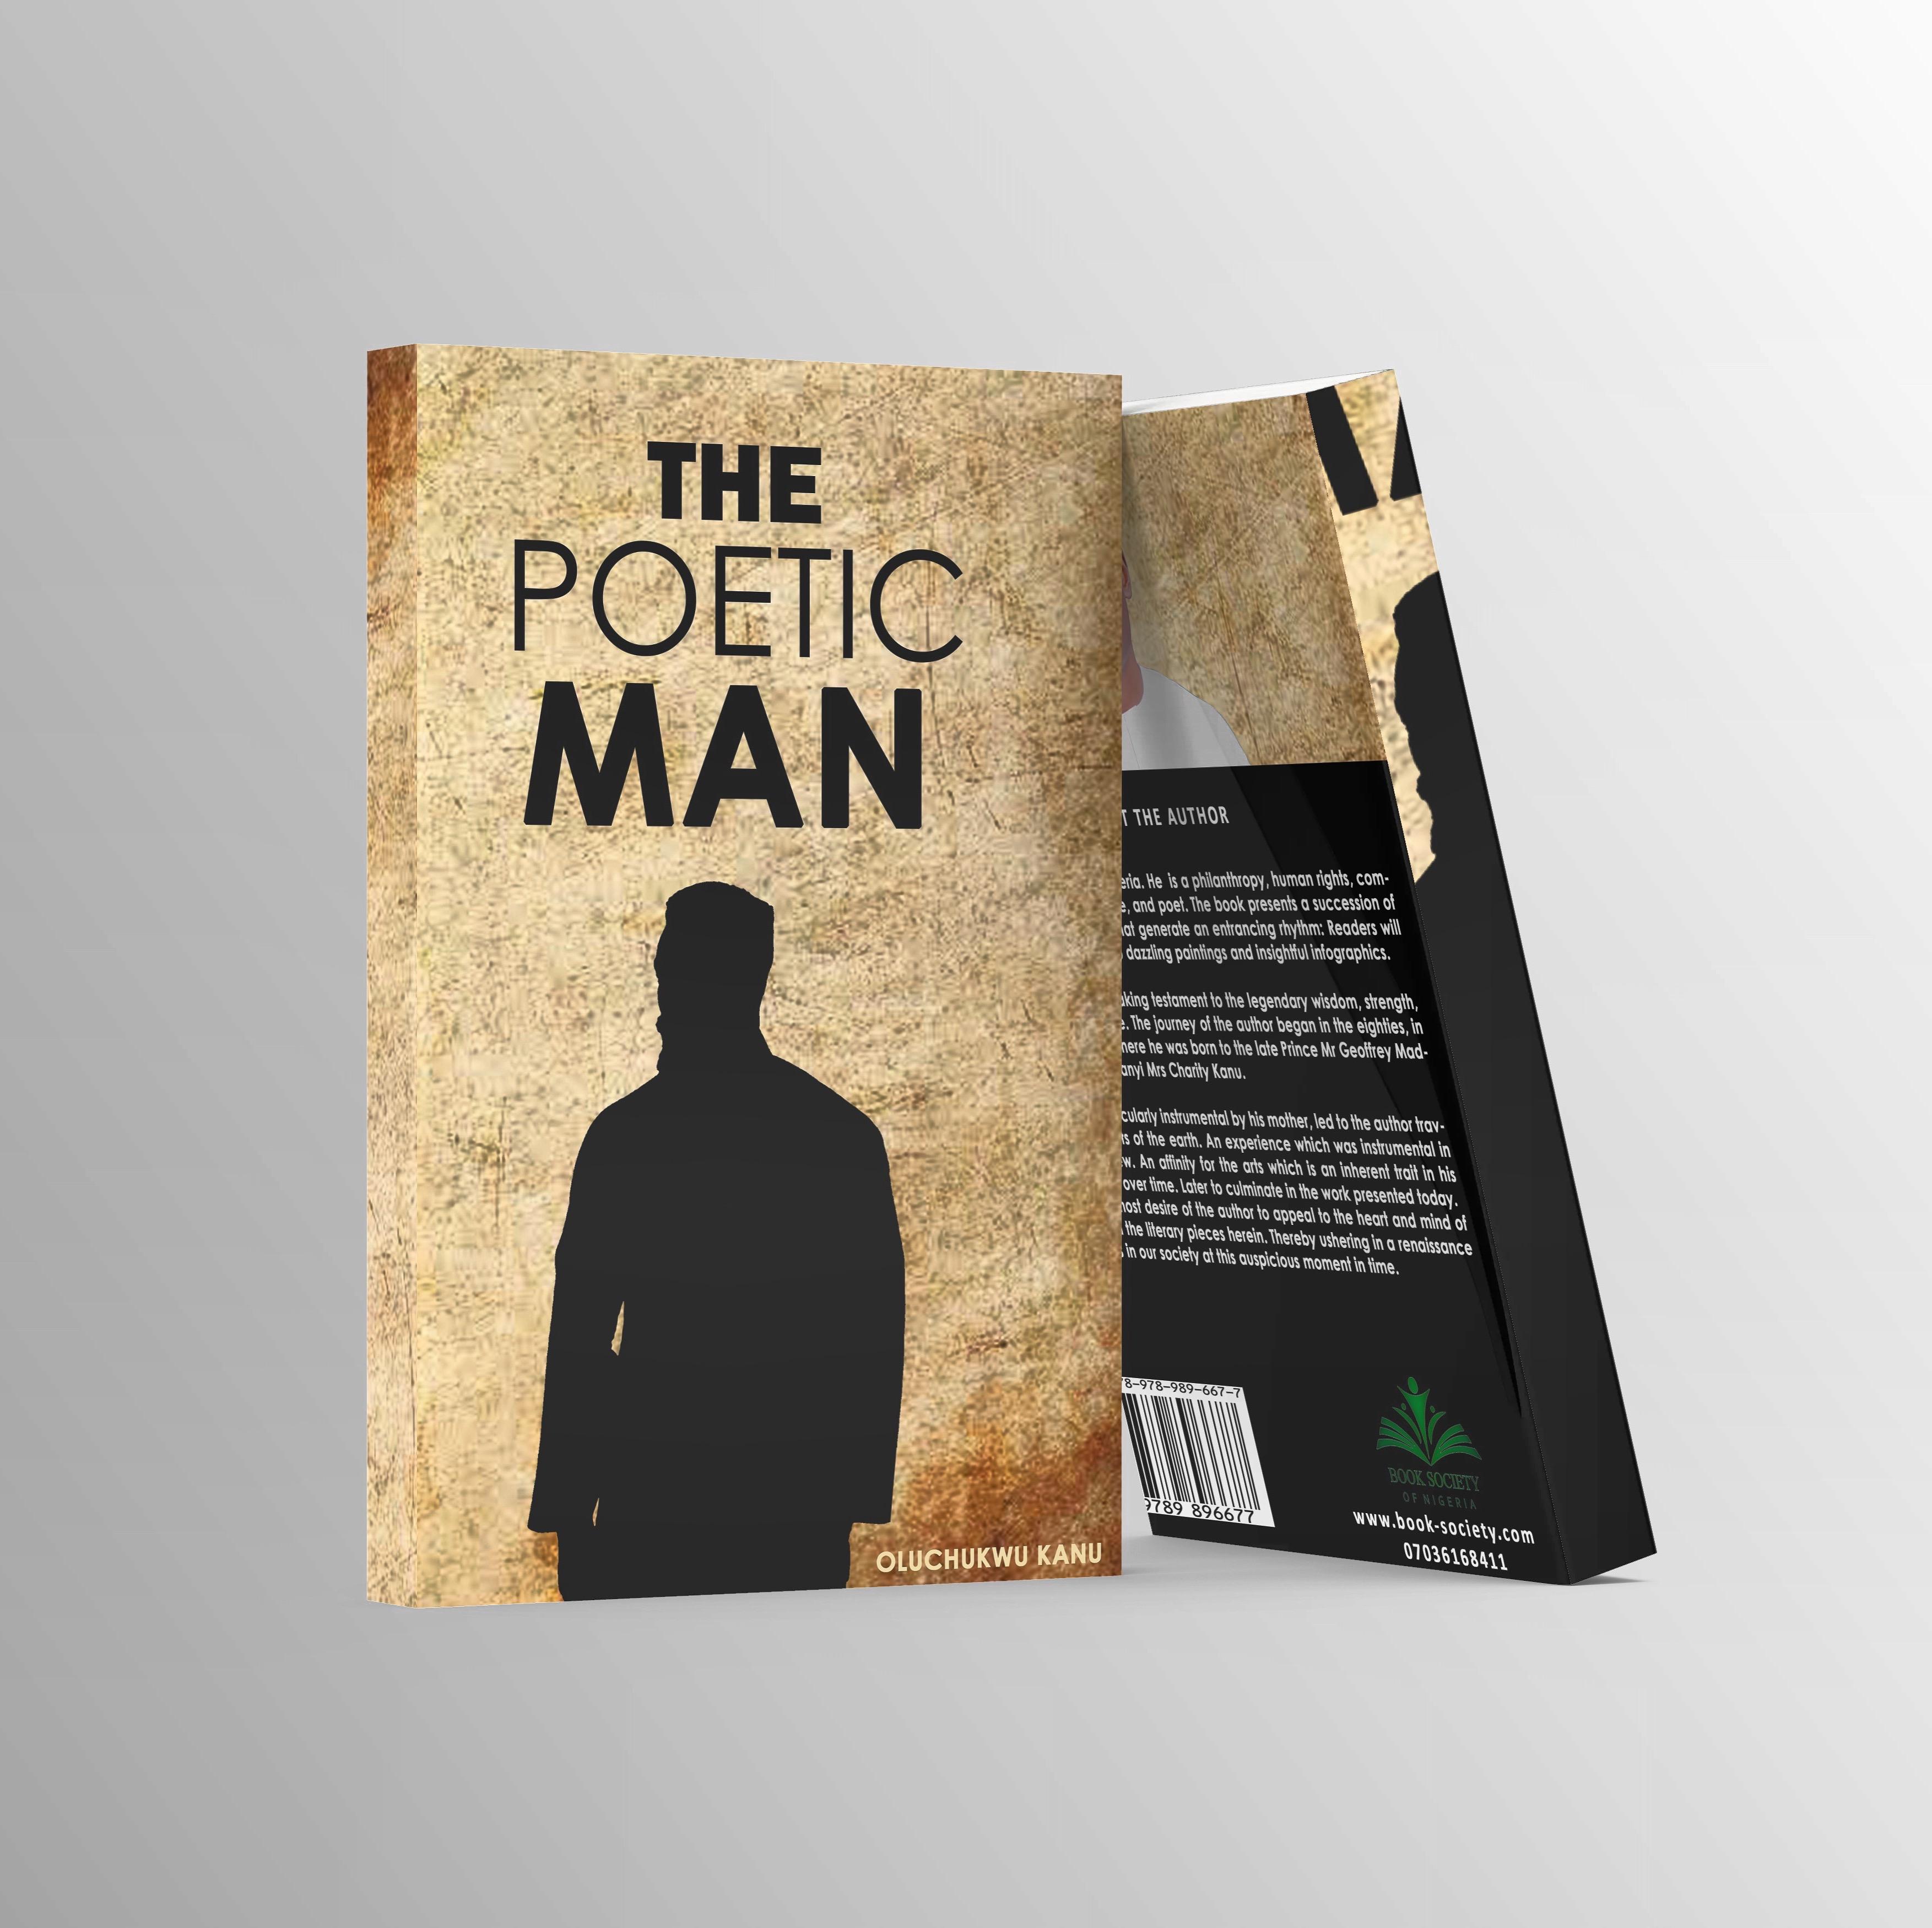 The Poetic Man